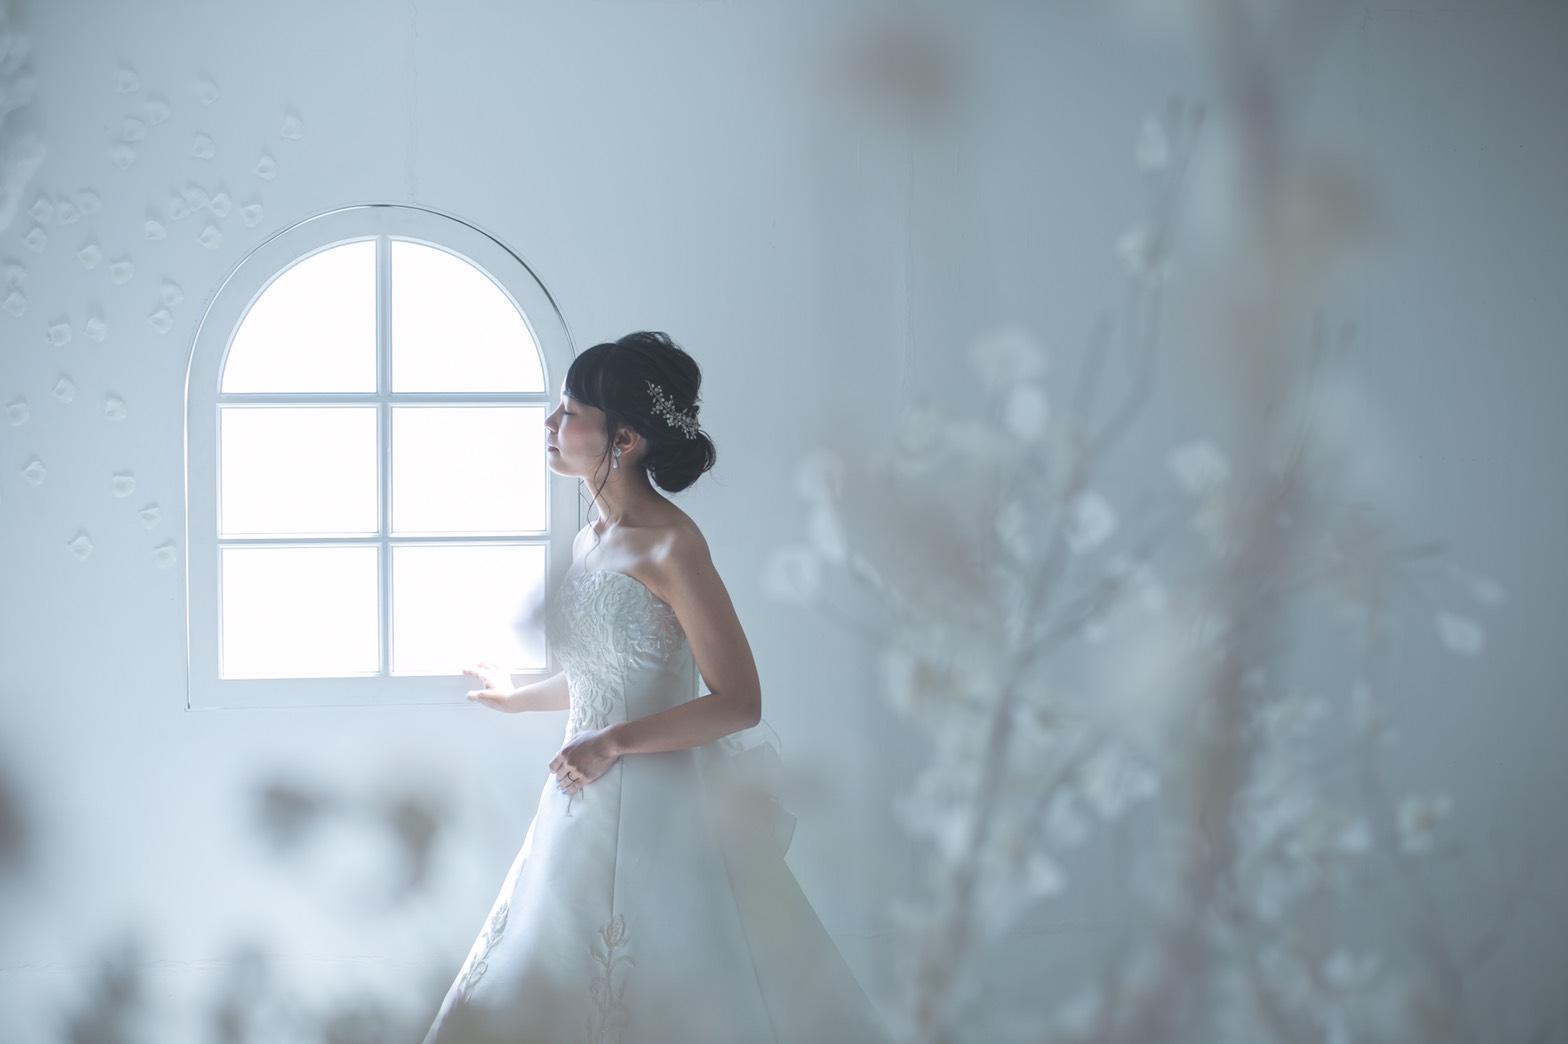 フォトウェディング,結婚写真,ドレス,大阪,ソロウェディング